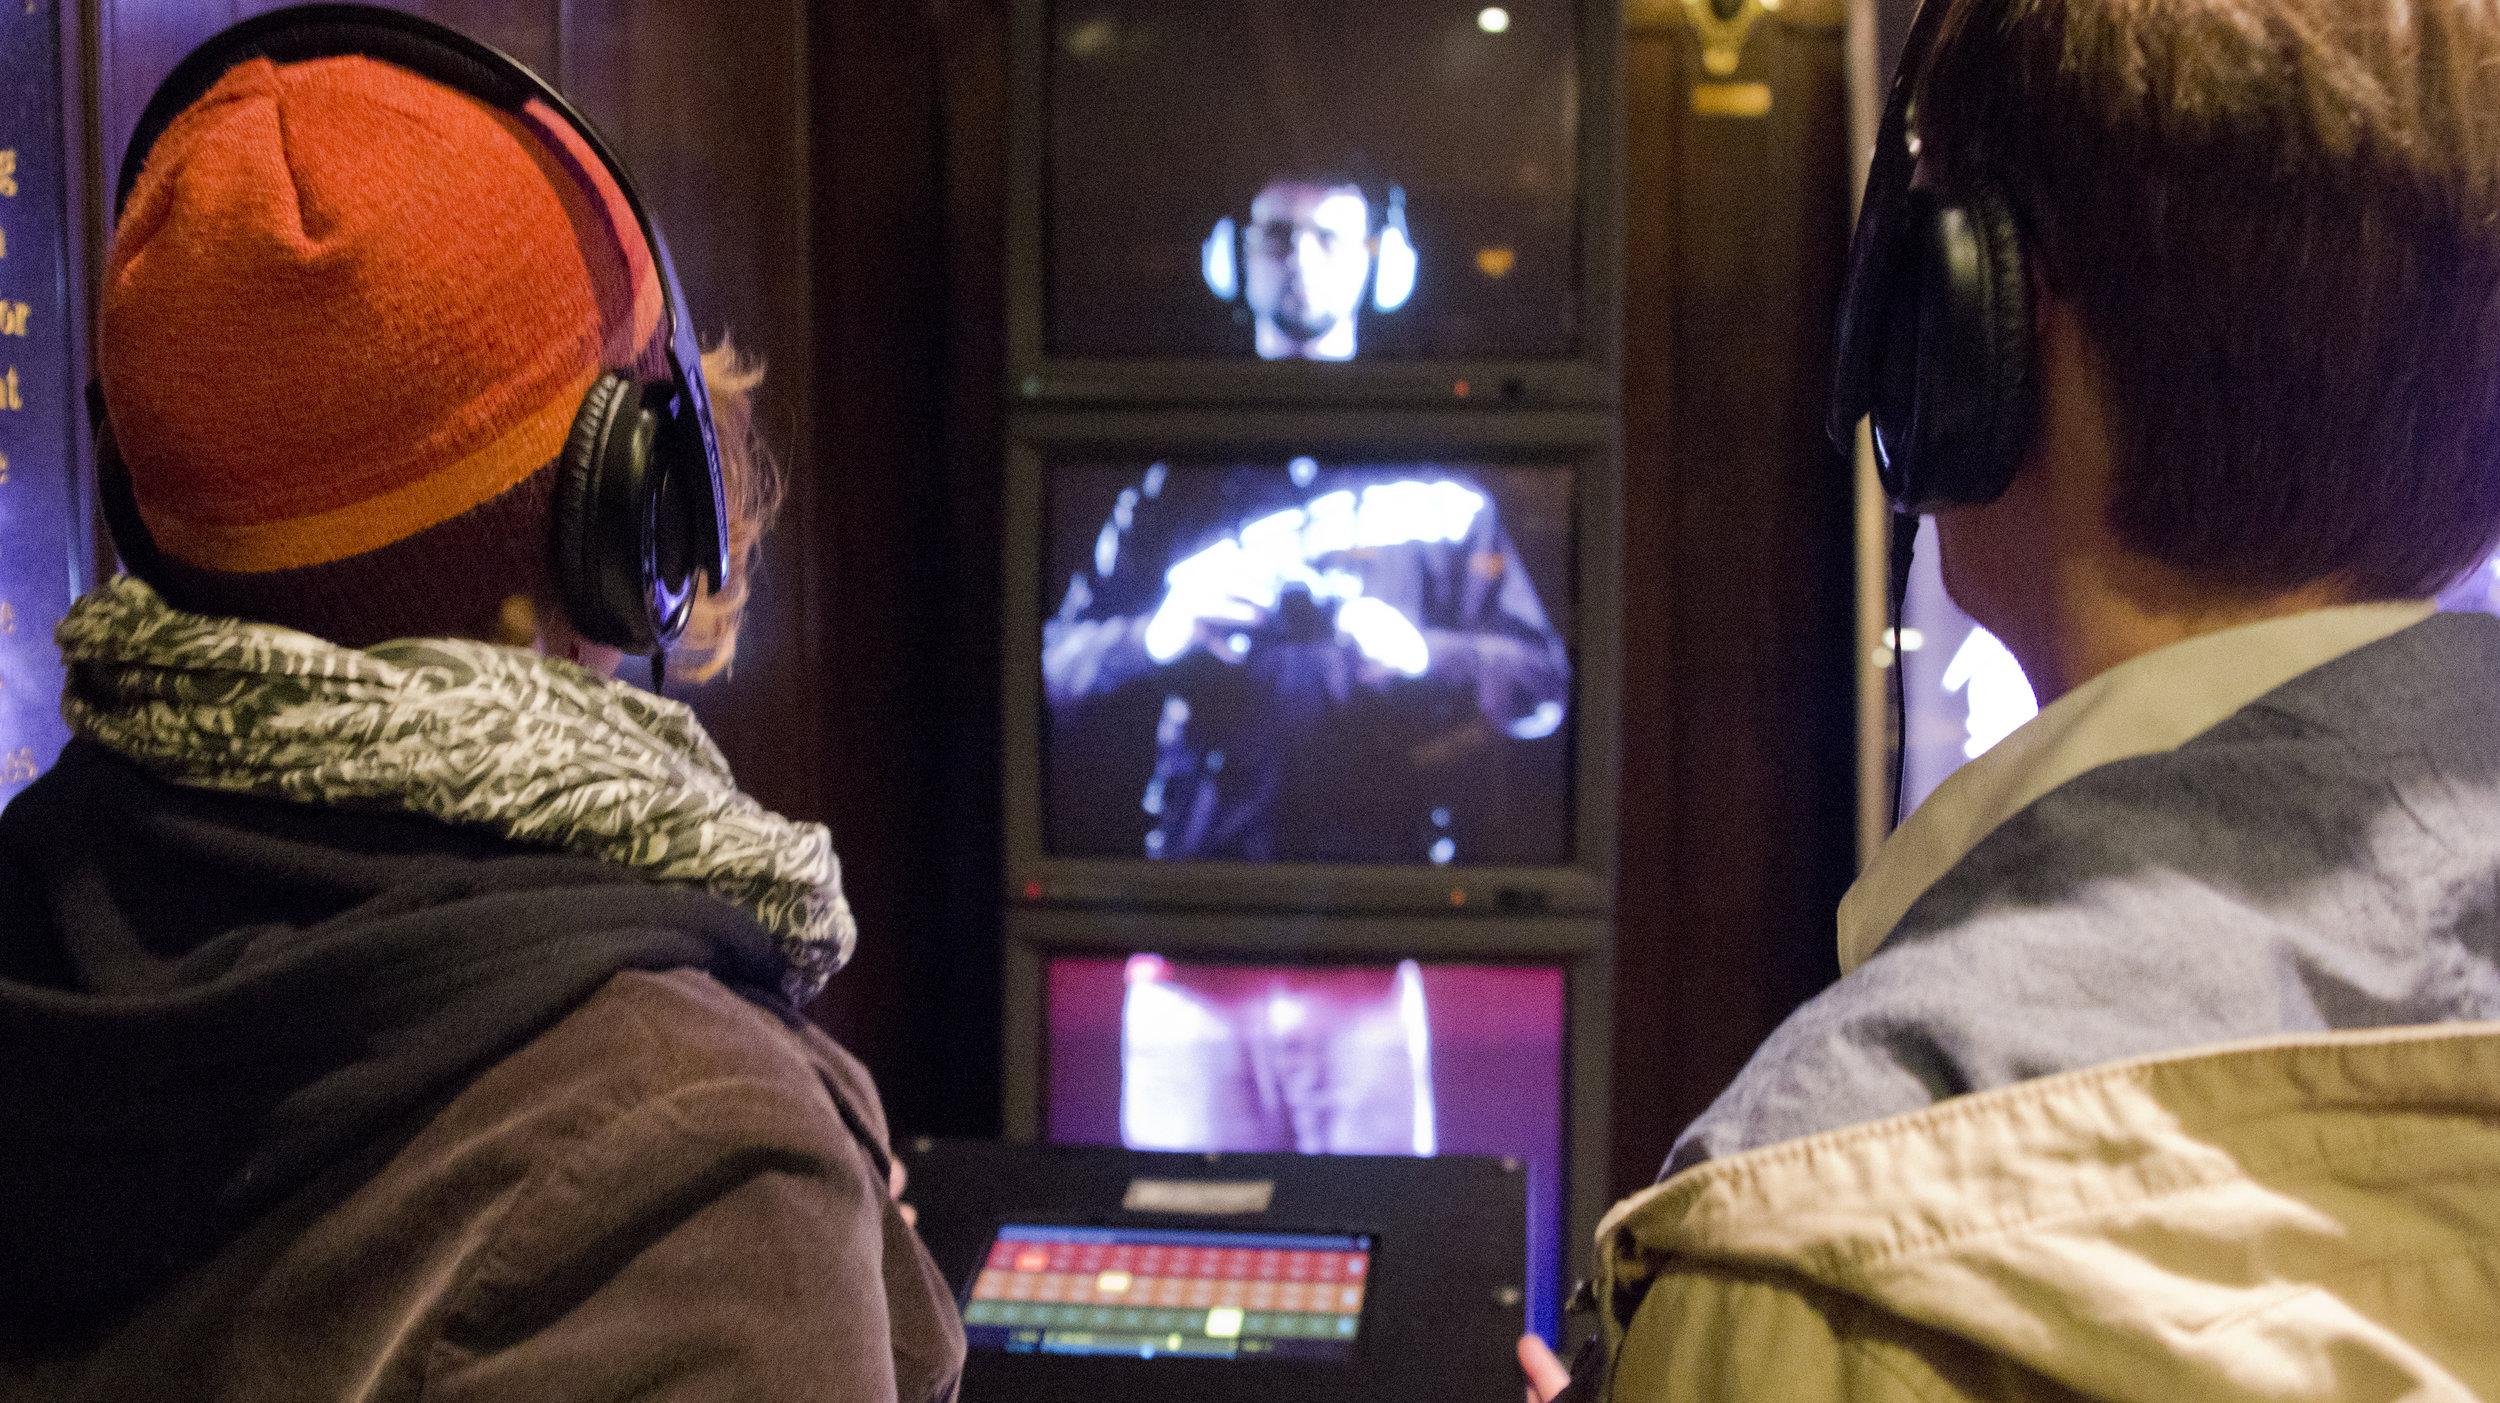 2 people headphones.jpg